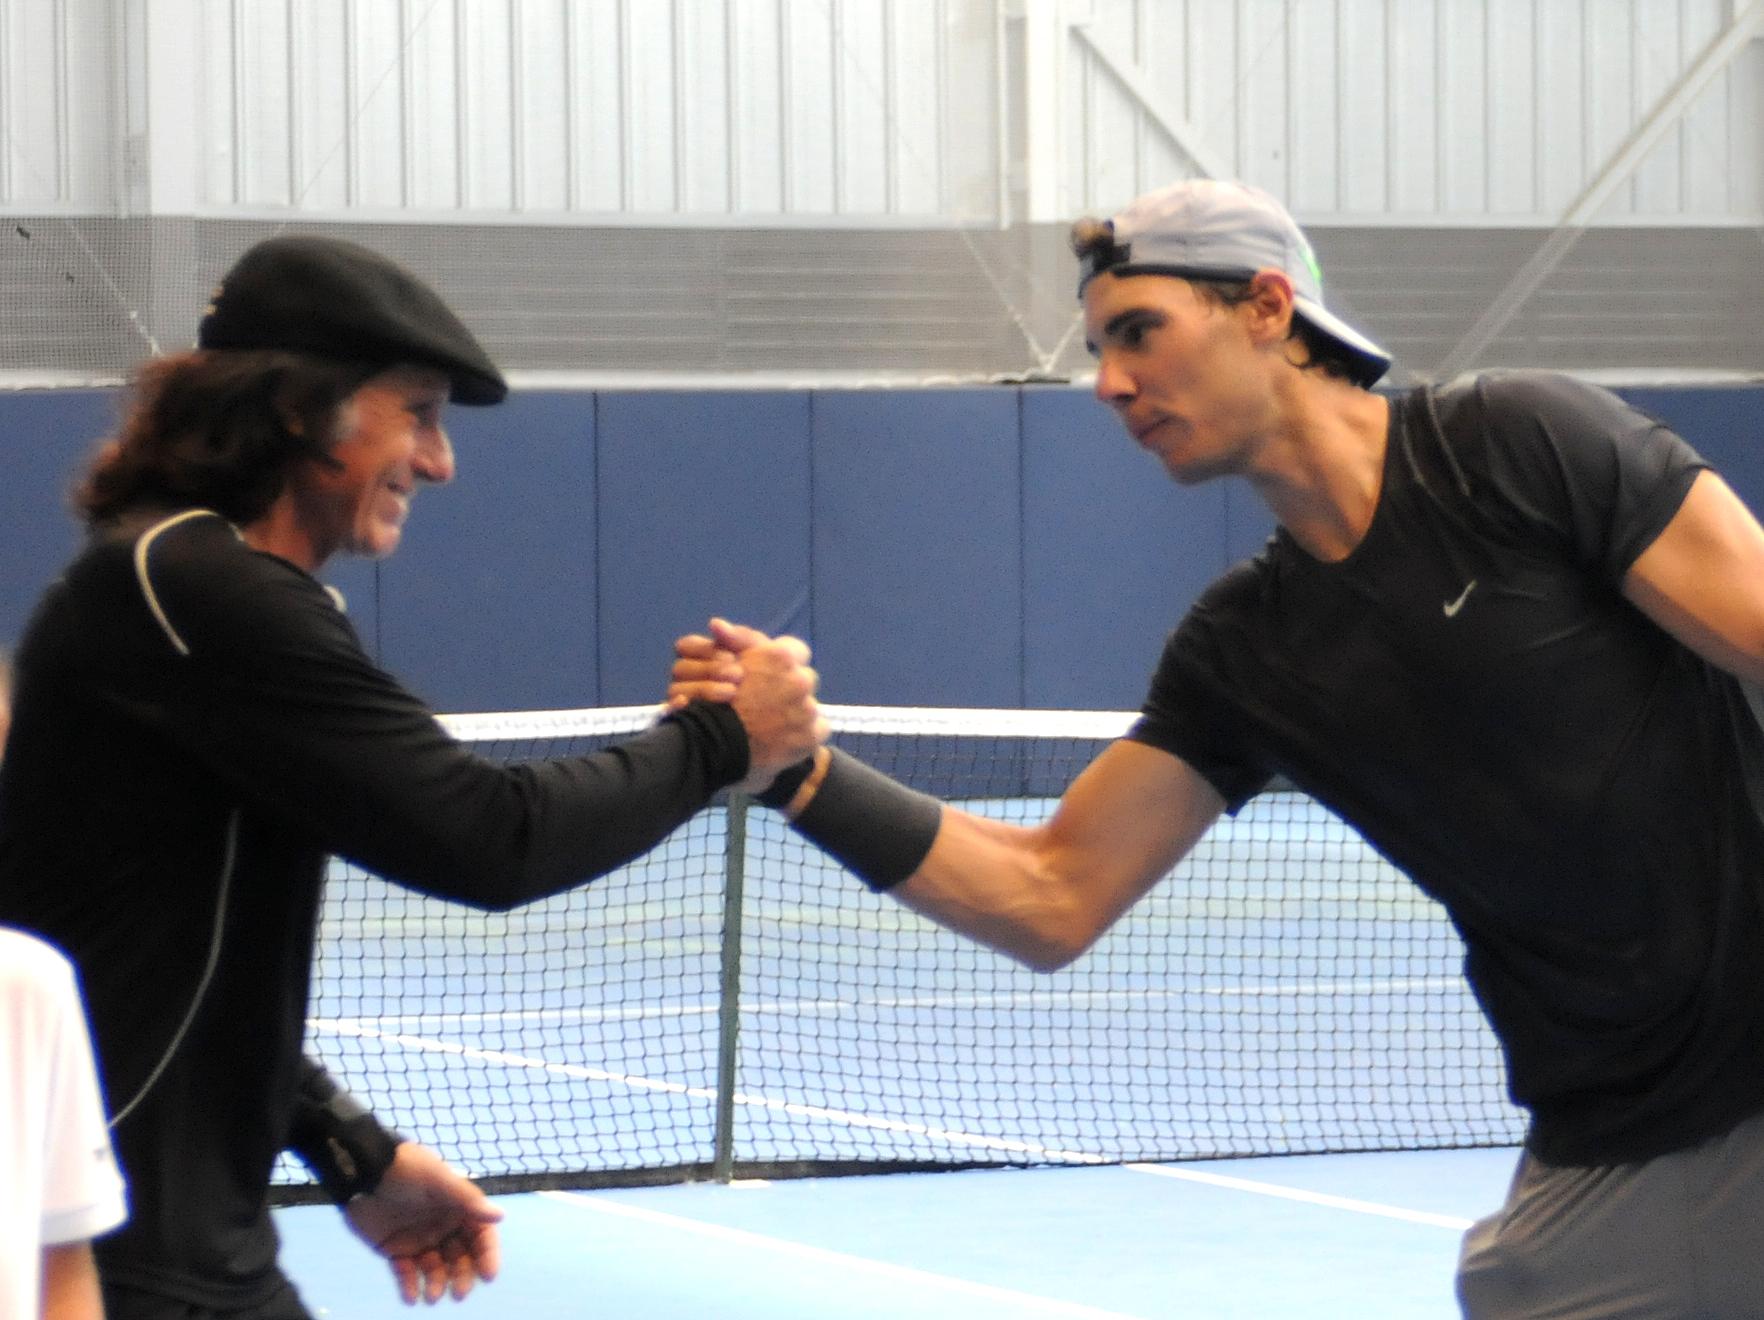 Guillermo Vilas – Rafael Nadal Fans